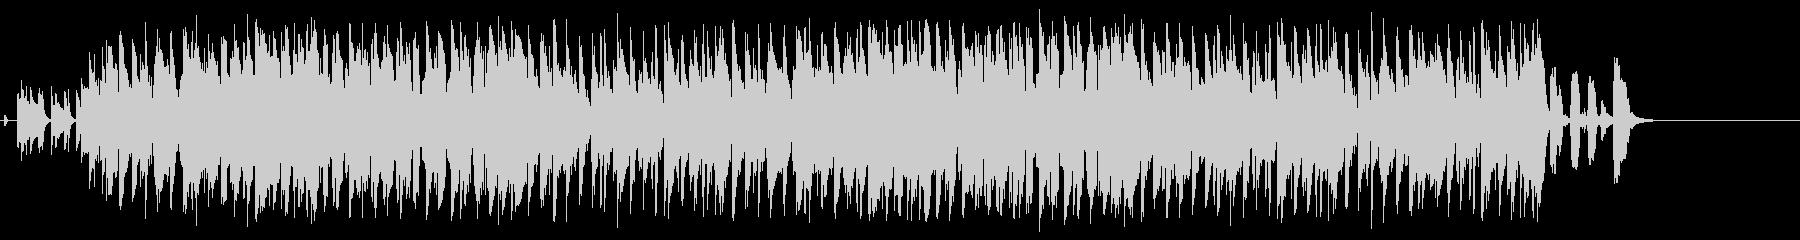 笑顔のピエロのコミカルなジャズポップの未再生の波形